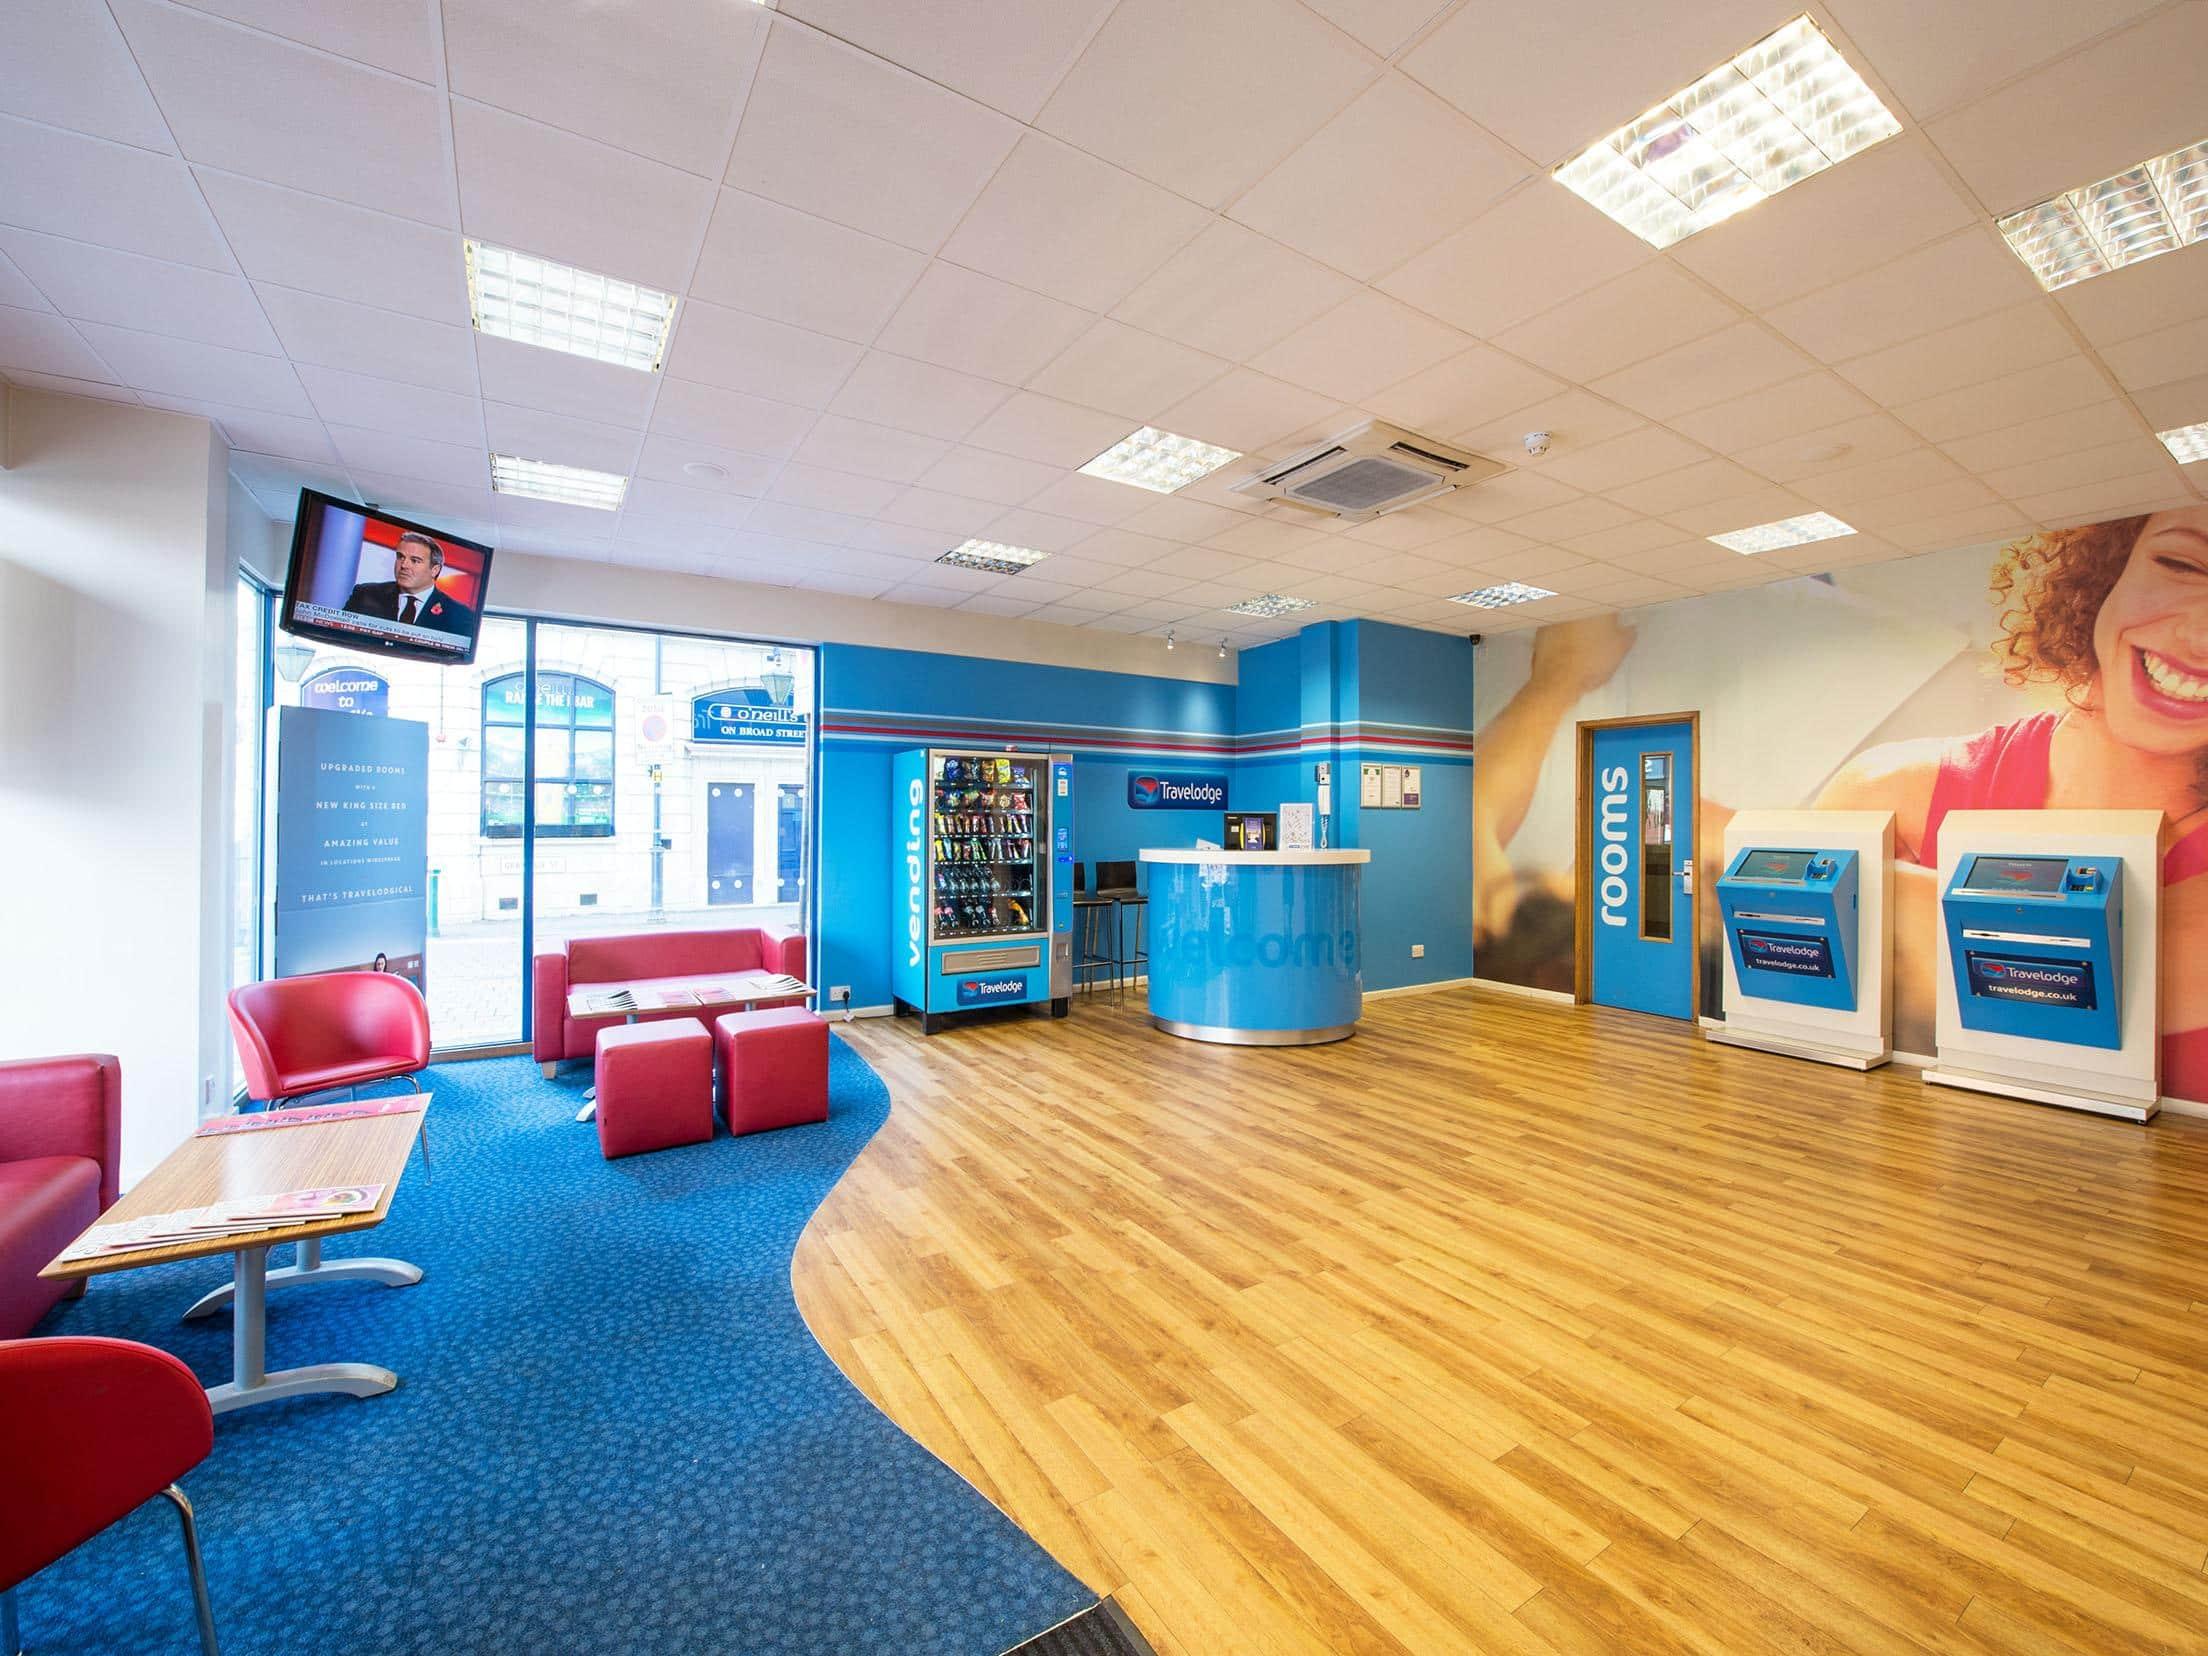 Birmingham Central - Reception